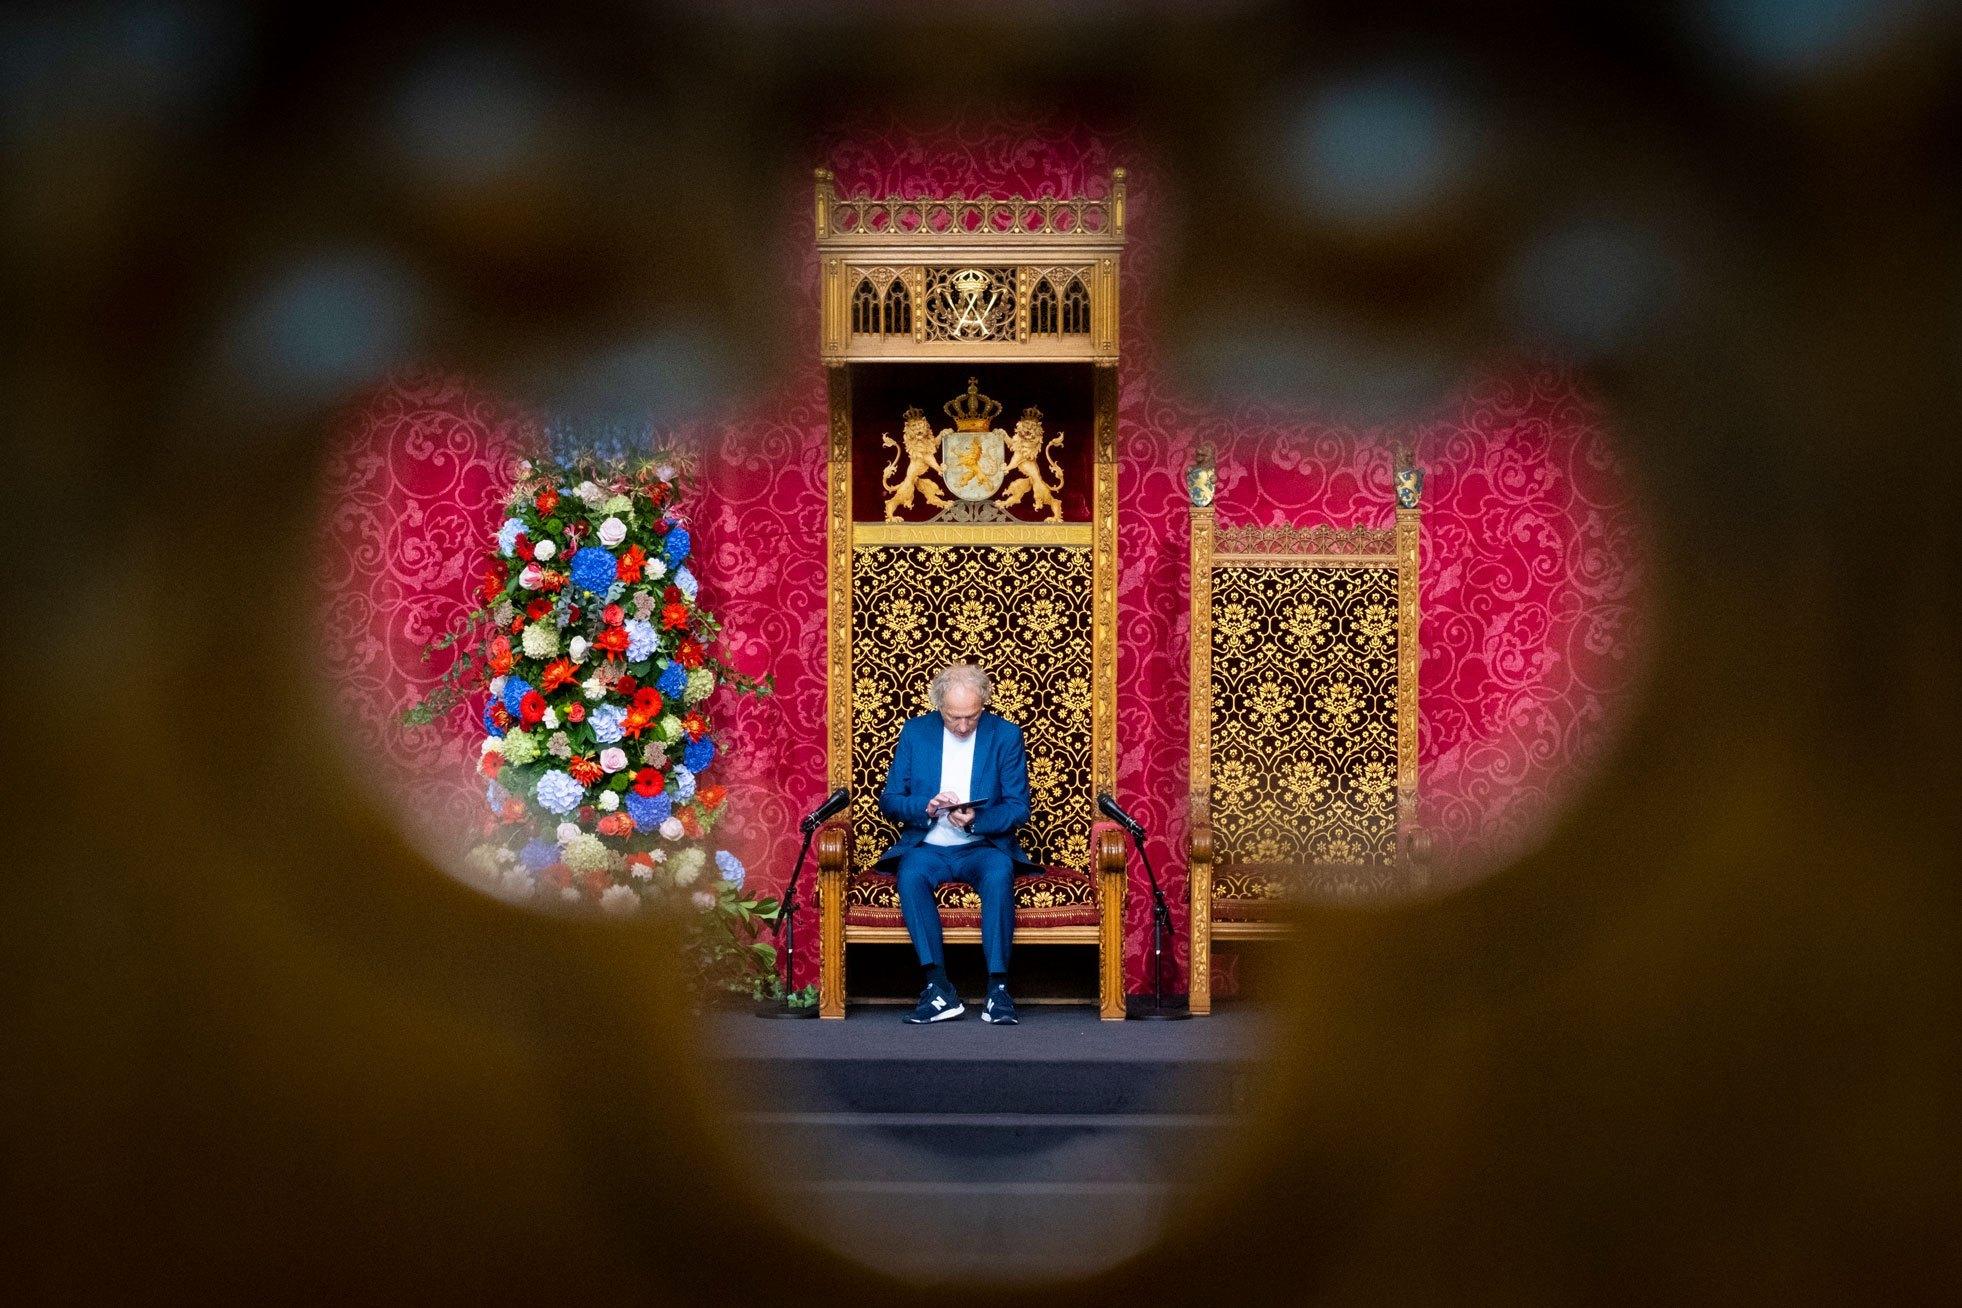 2-Politiek-s-David-van-Dam-Prinsjesdag-2020-003